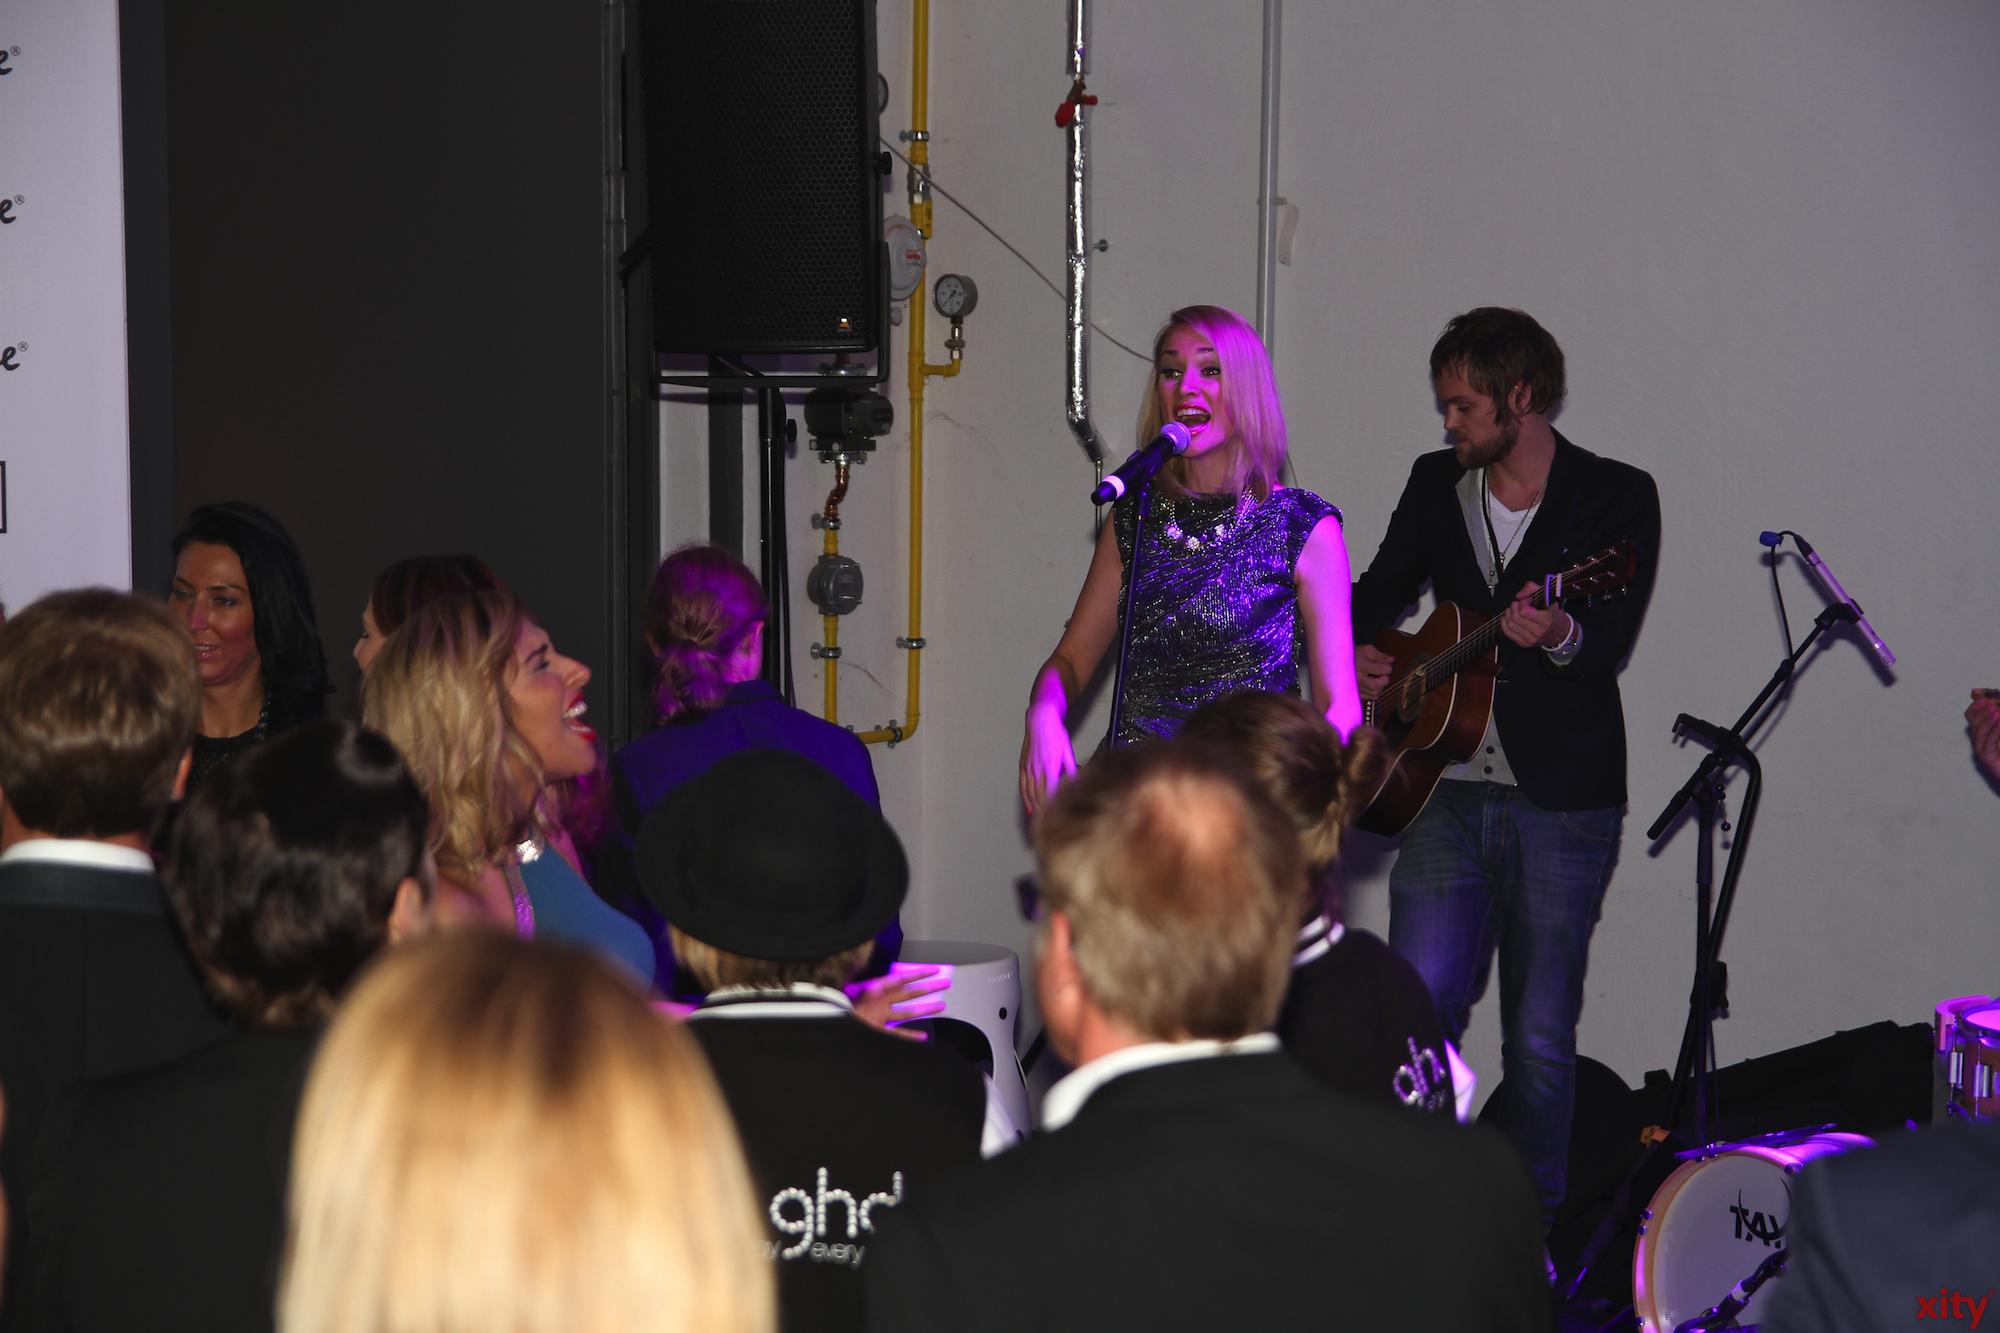 Nach der Modenshow gings zur Aftershow-Party wo Ramona Nerra die Menge mit ihrem Gesangstalent unterhielt (Foto: xity)